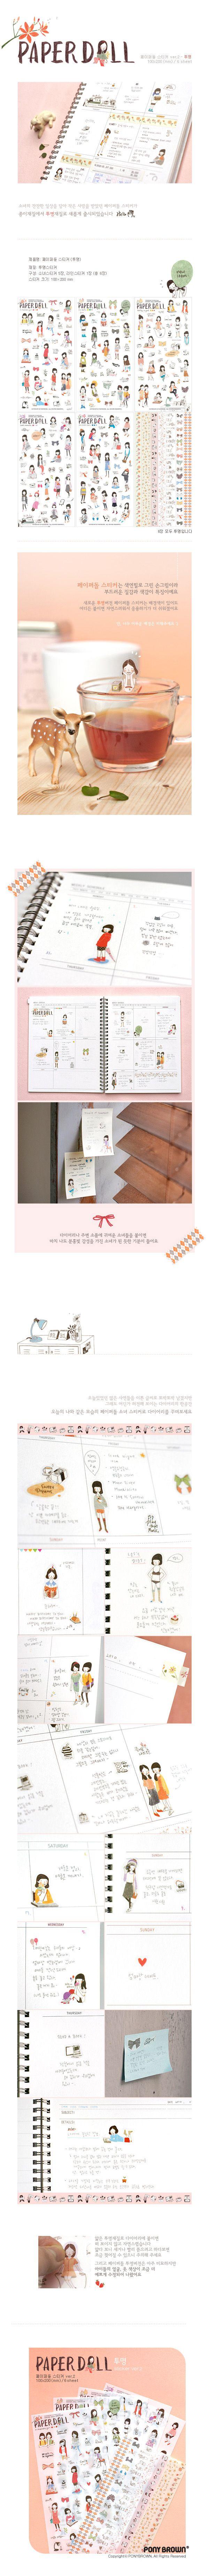 6 Stks/set Papieren Pop Koreaanse Stijl Leuke Kawaii Zoete Meisje Planner Stickers Voor Notebook Papier Mobiele Telefoon Deoration in [xlmodel]-[custom]-[25671]beschrijvingstaatGloednieuwe + Hoge Kwaliteit!materiaalPvcgewichtover: 30gkleurals pictu van memoblokken op AliExpress.com   Alibaba Groep